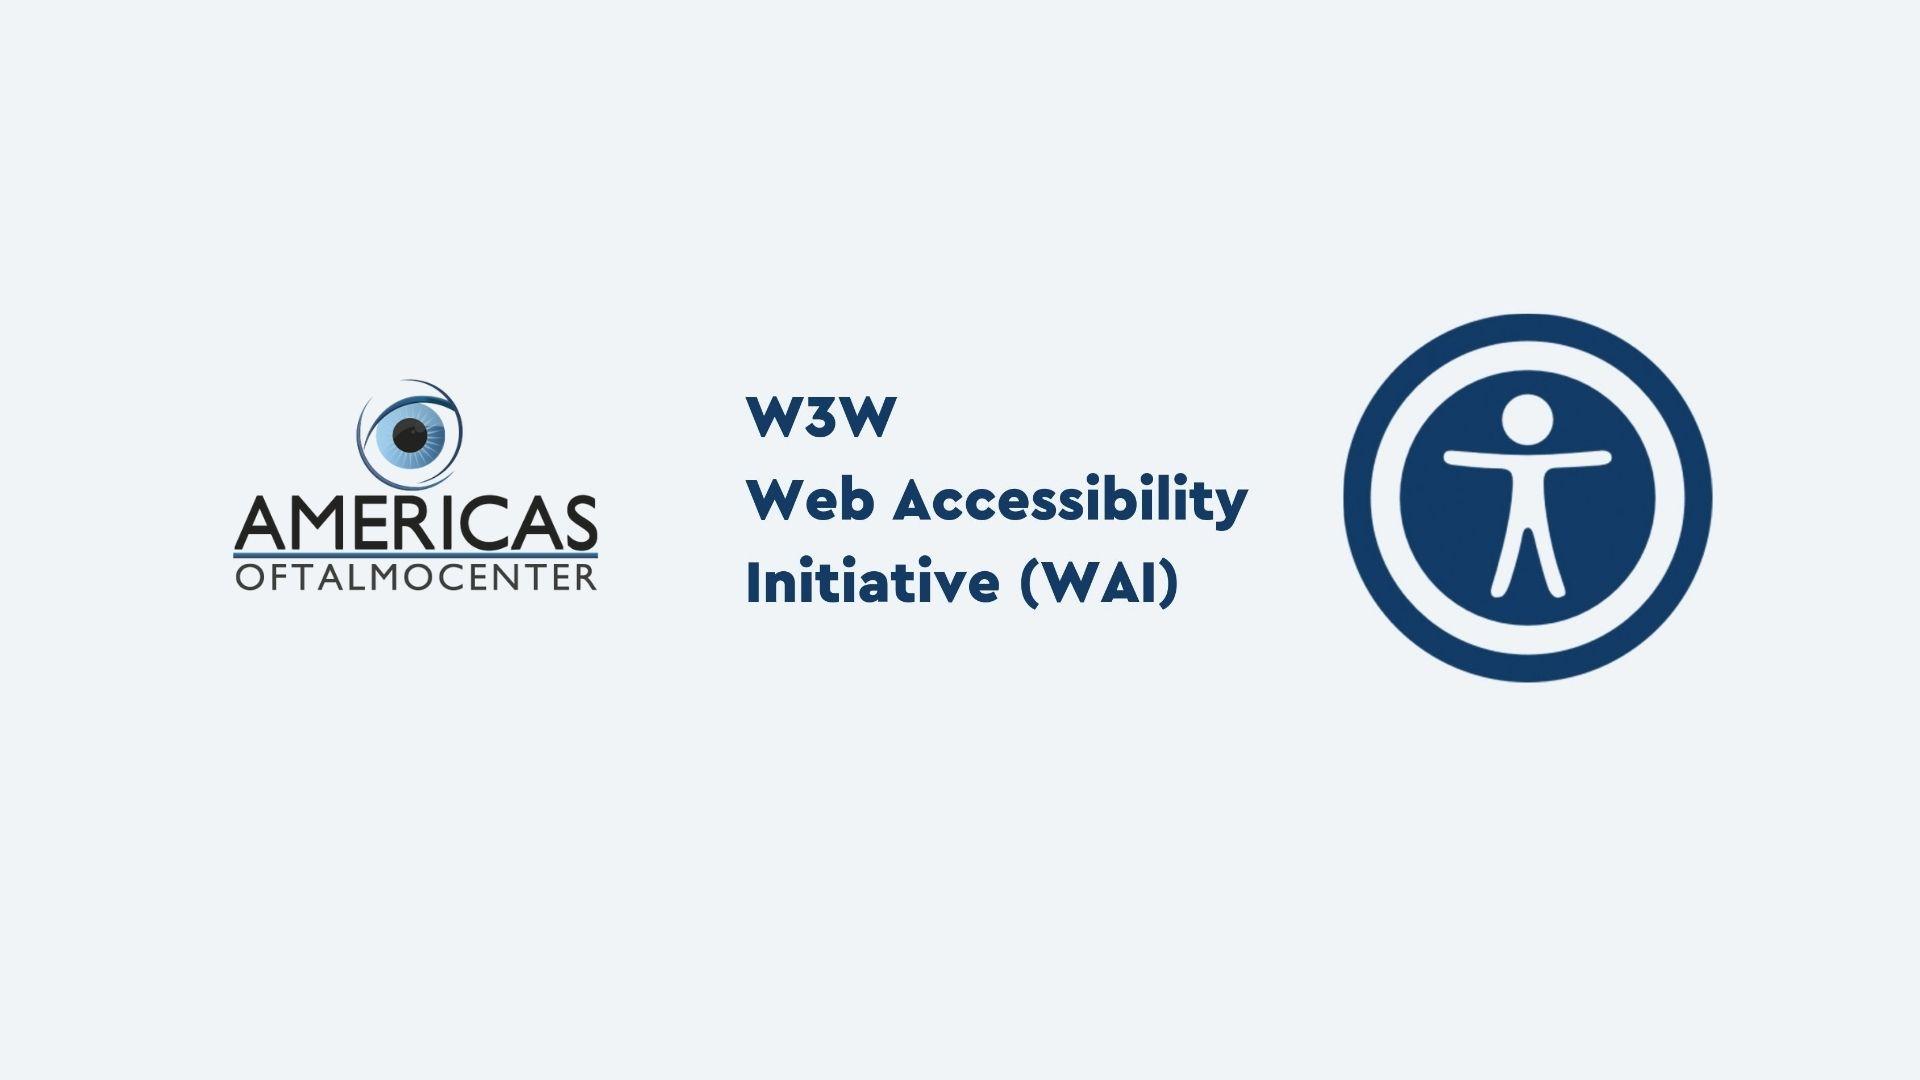 Declaração de Acessibilidade para o site Americas Oftalmocenter